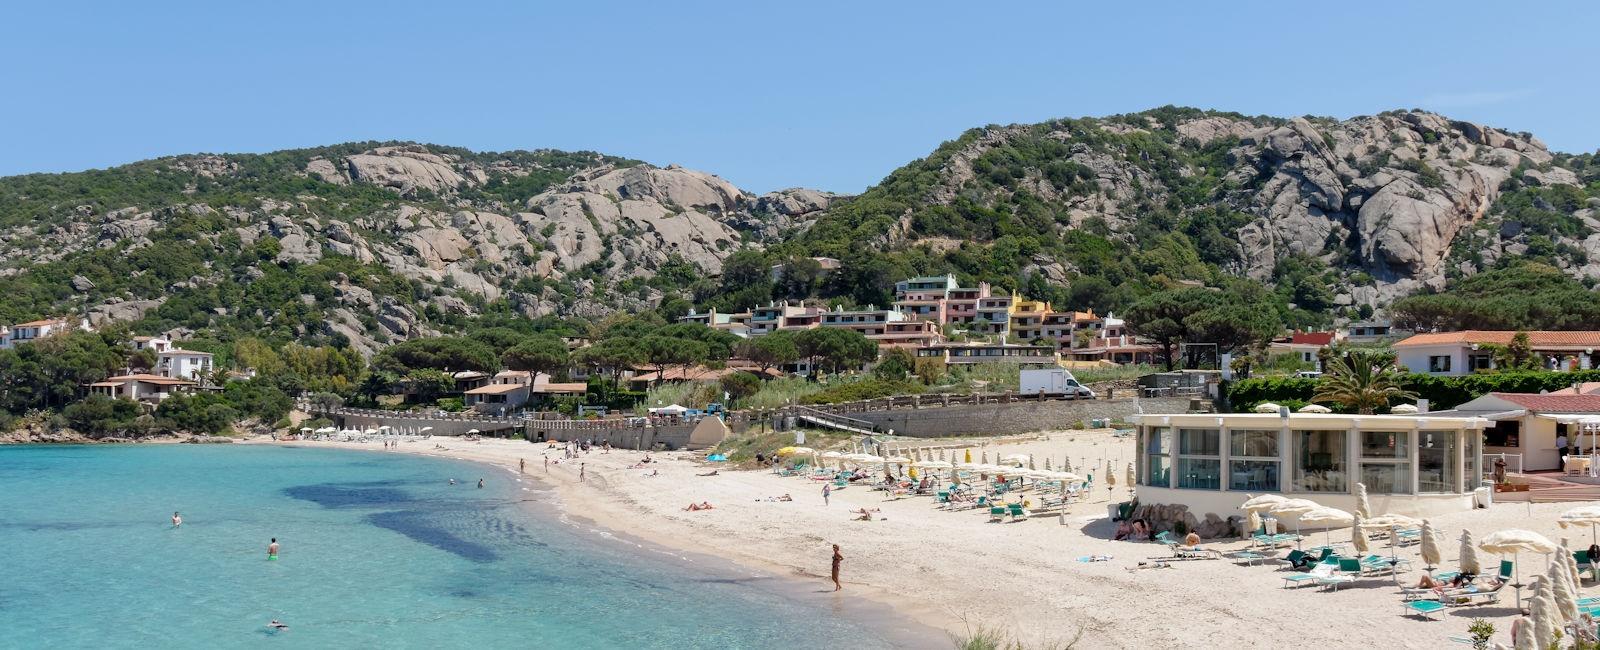 Sardinia, Baja Sardinia